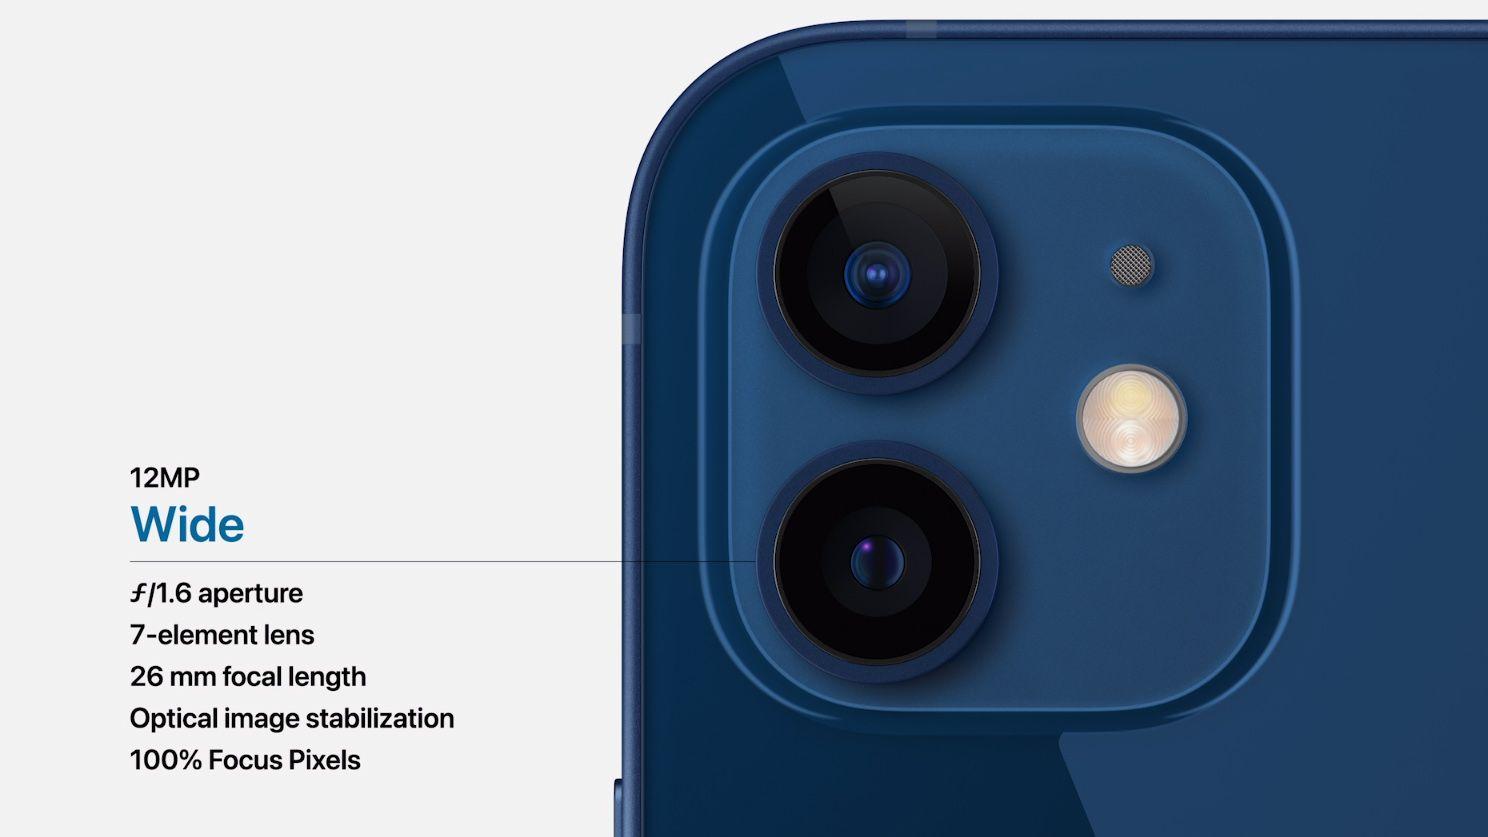 Vidvinkellinsen på iPhone 12 får en raskere f/1.6-blenderåpning, som skal gi bedre bilder i mørket. Night mode kommer også til alle kameraene.